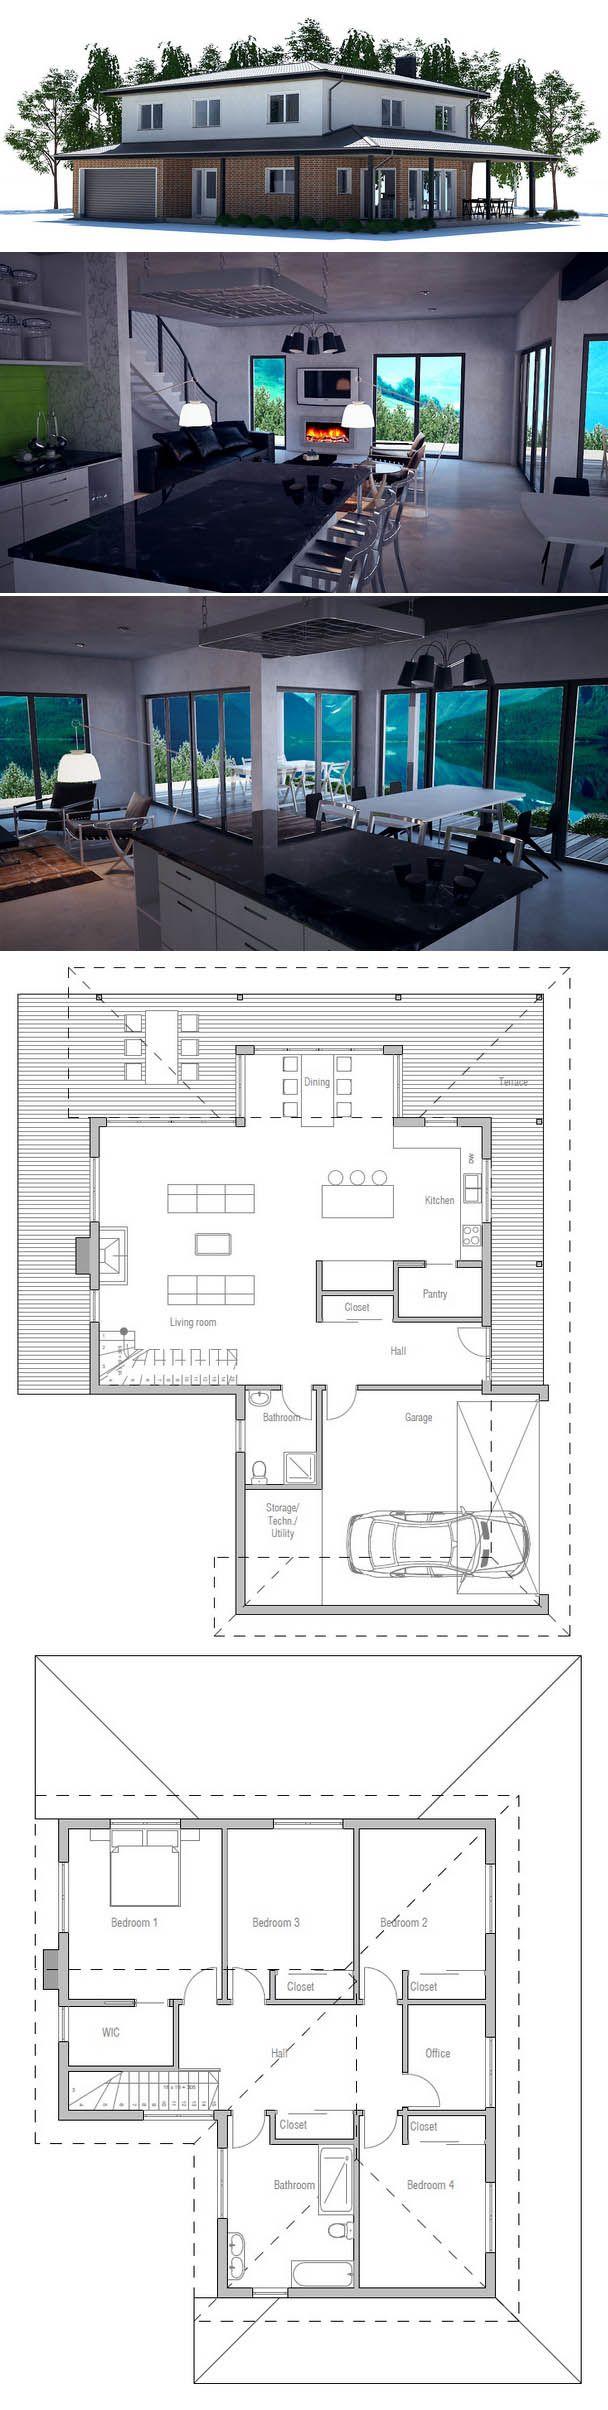 Oltre 25 fantastiche idee su planimetrie di case su for Piccole planimetrie a concetto aperto